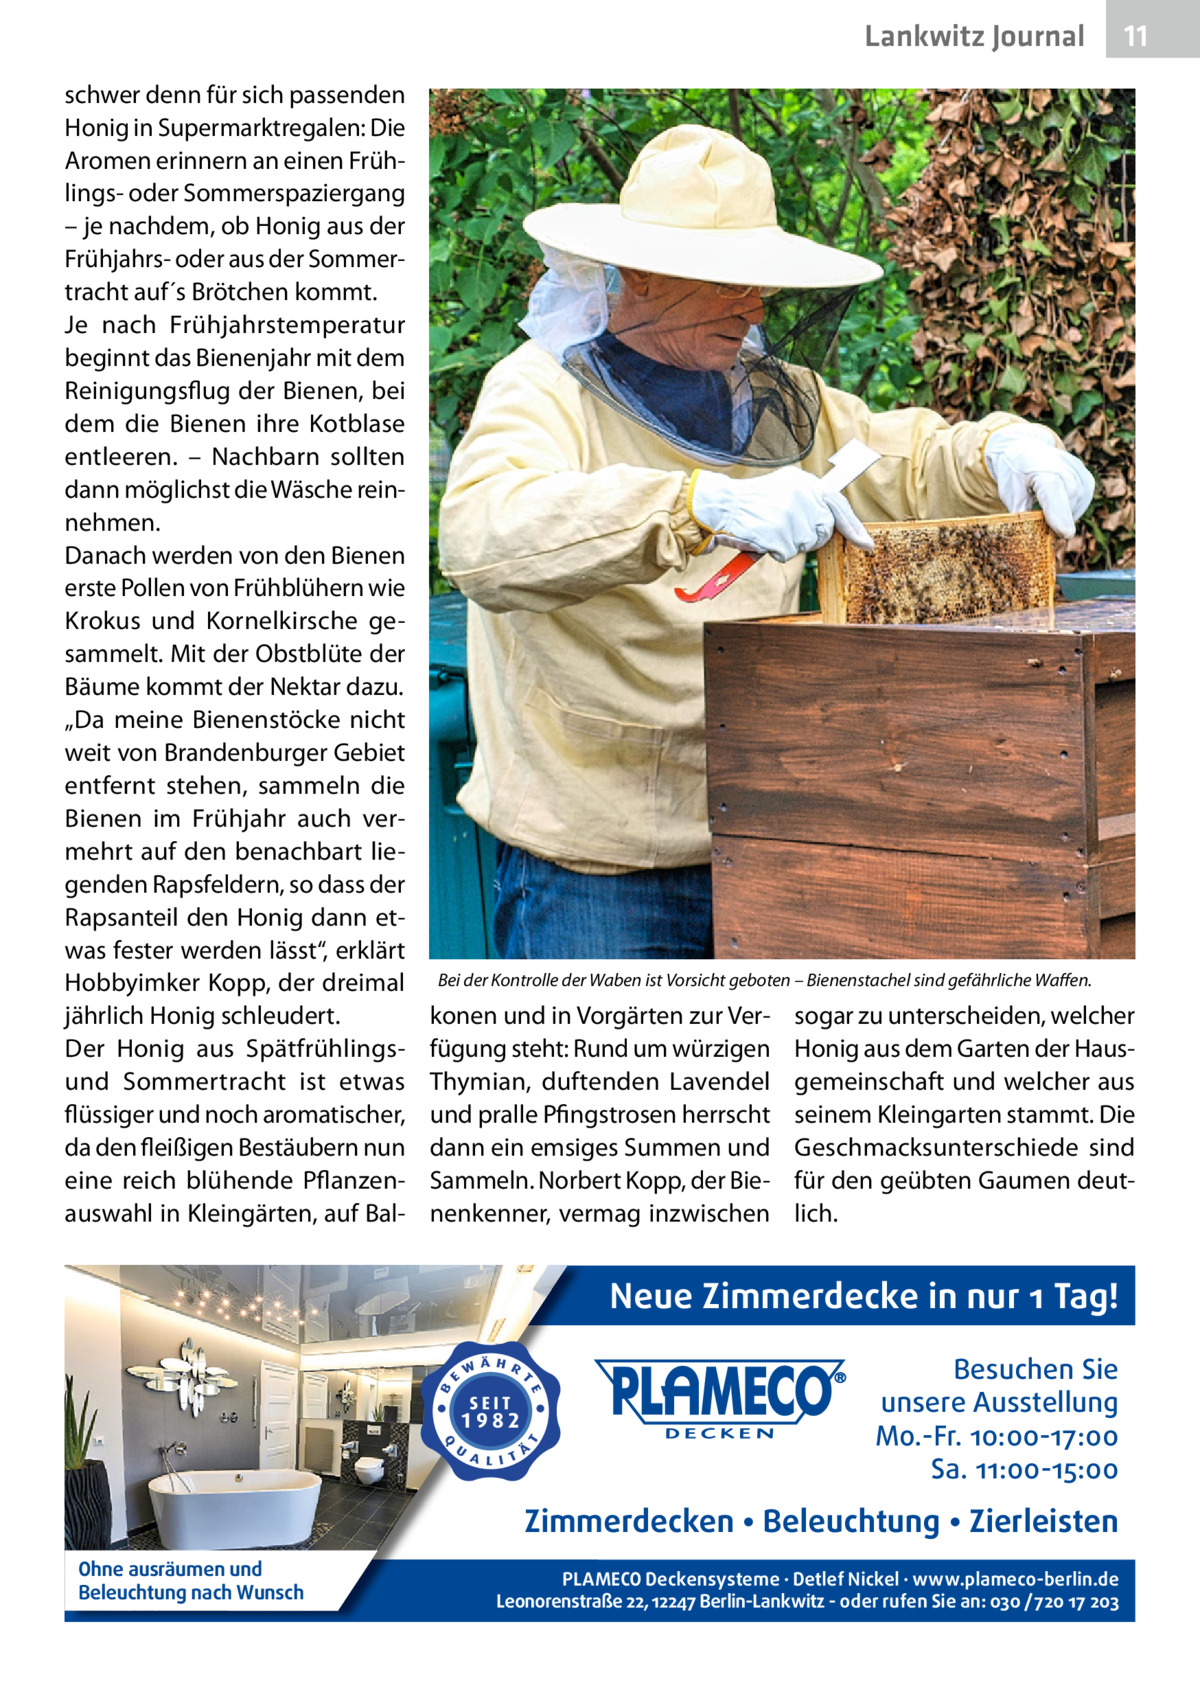 """Lankwitz Gesundheit Journal schwer denn für sich passenden Honig in Supermarktregalen: Die Aromen erinnern an einen Frühlings- oder Sommerspaziergang – je nachdem, ob Honig aus der Frühjahrs- oder aus der Sommertracht auf´s Brötchen kommt. Je nach Frühjahrstemperatur beginnt das Bienenjahr mit dem Reinigungsflug der Bienen, bei dem die Bienen ihre Kotblase entleeren. – Nachbarn sollten dann möglichst die Wäsche reinnehmen. Danach werden von den Bienen erste Pollen von Frühblühern wie Krokus und Kornelkirsche gesammelt. Mit der Obstblüte der Bäume kommt der Nektar dazu. """"Da meine Bienenstöcke nicht weit von Brandenburger Gebiet entfernt stehen, sammeln die Bienen im Frühjahr auch vermehrt auf den benachbart liegenden Rapsfeldern, so dass der Rapsanteil den Honig dann etwas fester werden lässt"""", erklärt Hobbyimker Kopp, der dreimal jährlich Honig schleudert. Der Honig aus Spätfrühlingsund Sommertracht ist etwas flüssiger und noch aromatischer, da den fleißigen Bestäubern nun eine reich blühende Pflanzenauswahl in Kleingärten, auf Bal Bei der Kontrolle der Waben ist Vorsicht geboten – Bienenstachel sind gefährliche Waffen.  konen und in Vorgärten zur Verfügung steht: Rund um würzigen Thymian, duftenden Lavendel und pralle Pfingstrosen herrscht dann ein emsiges Summen und Sammeln. Norbert Kopp, der Bienenkenner, vermag inzwischen  sogar zu unterscheiden, welcher Honig aus dem Garten der Hausgemeinschaft und welcher aus seinem Kleingarten stammt. Die Geschmacksunterschiede sind für den geübten Gaumen deutlich.  Neue Zimmerdecke in nur 1 Tag! Besuchen Sie unsere Ausstellung Mo.-Fr. 10:00-17:00 Sa. 11:00-15:00  Zimmerdecken • Beleuchtung • Zierleisten Ohne ausräumen und Beleuchtung nach Wunsch  11 11  PLAMECO Deckensysteme ∙ Detlef Nickel ∙ www.plameco-berlin.de Leonorenstraße 22, 12247 Berlin-Lankwitz - oder rufen Sie an: 030 /720 17 203"""